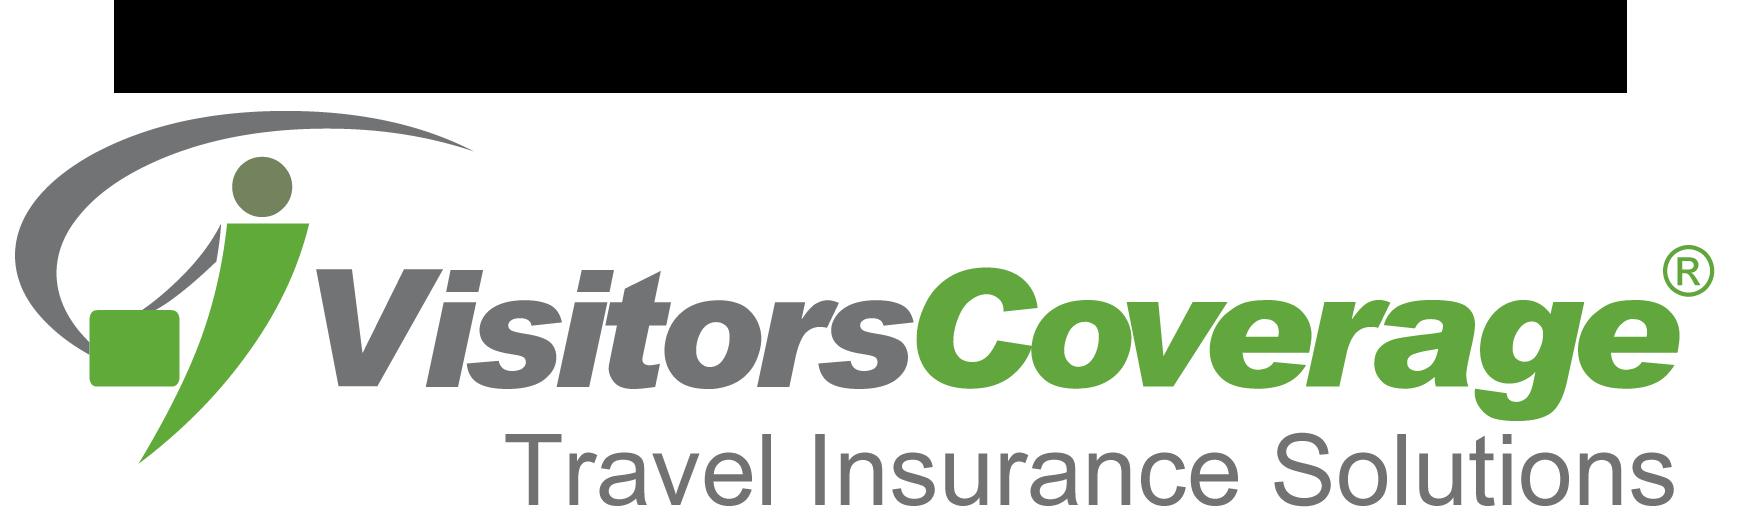 Visitors Coverage